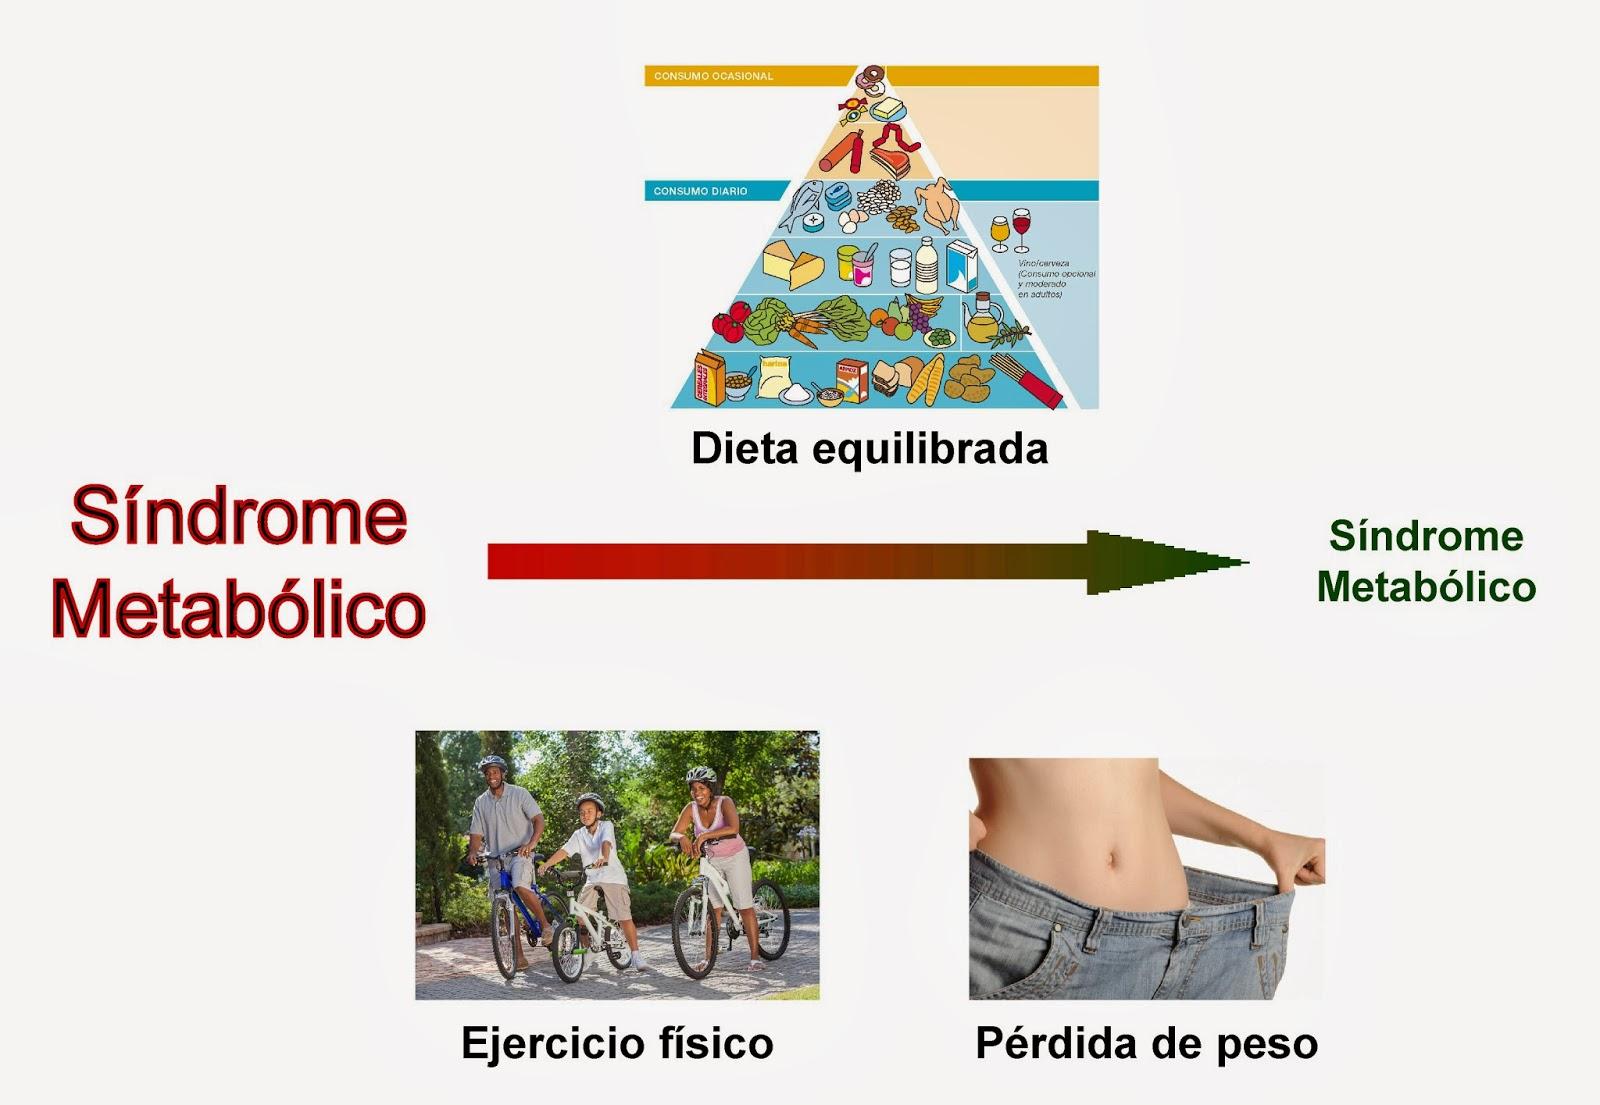 El Síndrome Metabólico se reduce siguiente una dieta equilibrada, ejercicio físico y la pérdida de peso